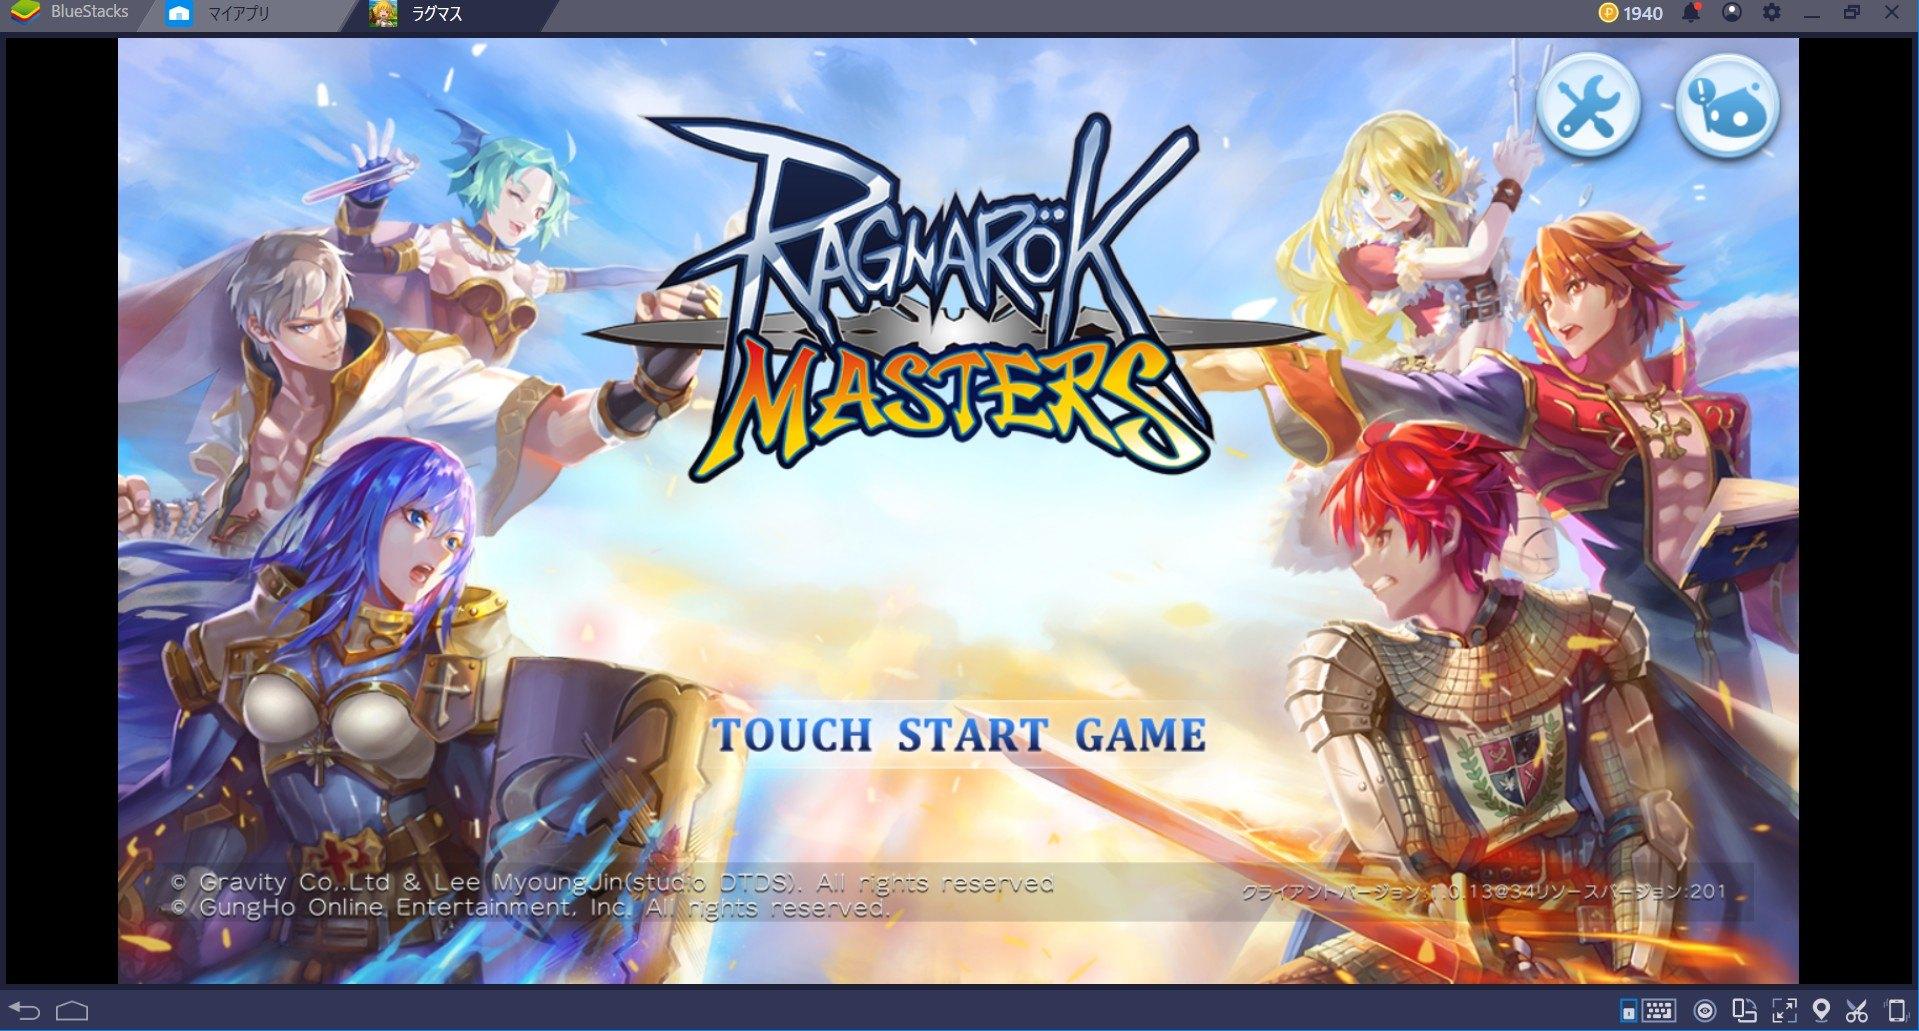 BlueStacksを使ってPCで ラグナロク マスターズ を遊ぼう